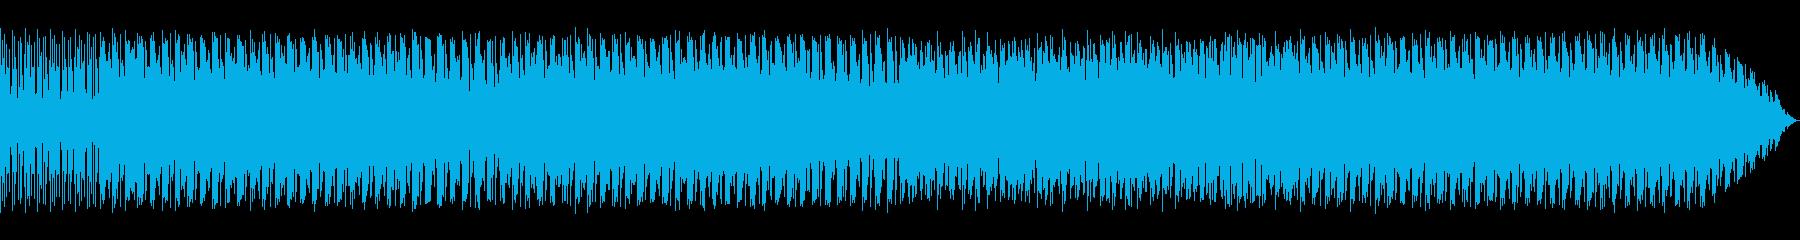 電源 発電 ロックギターと電子音楽の再生済みの波形